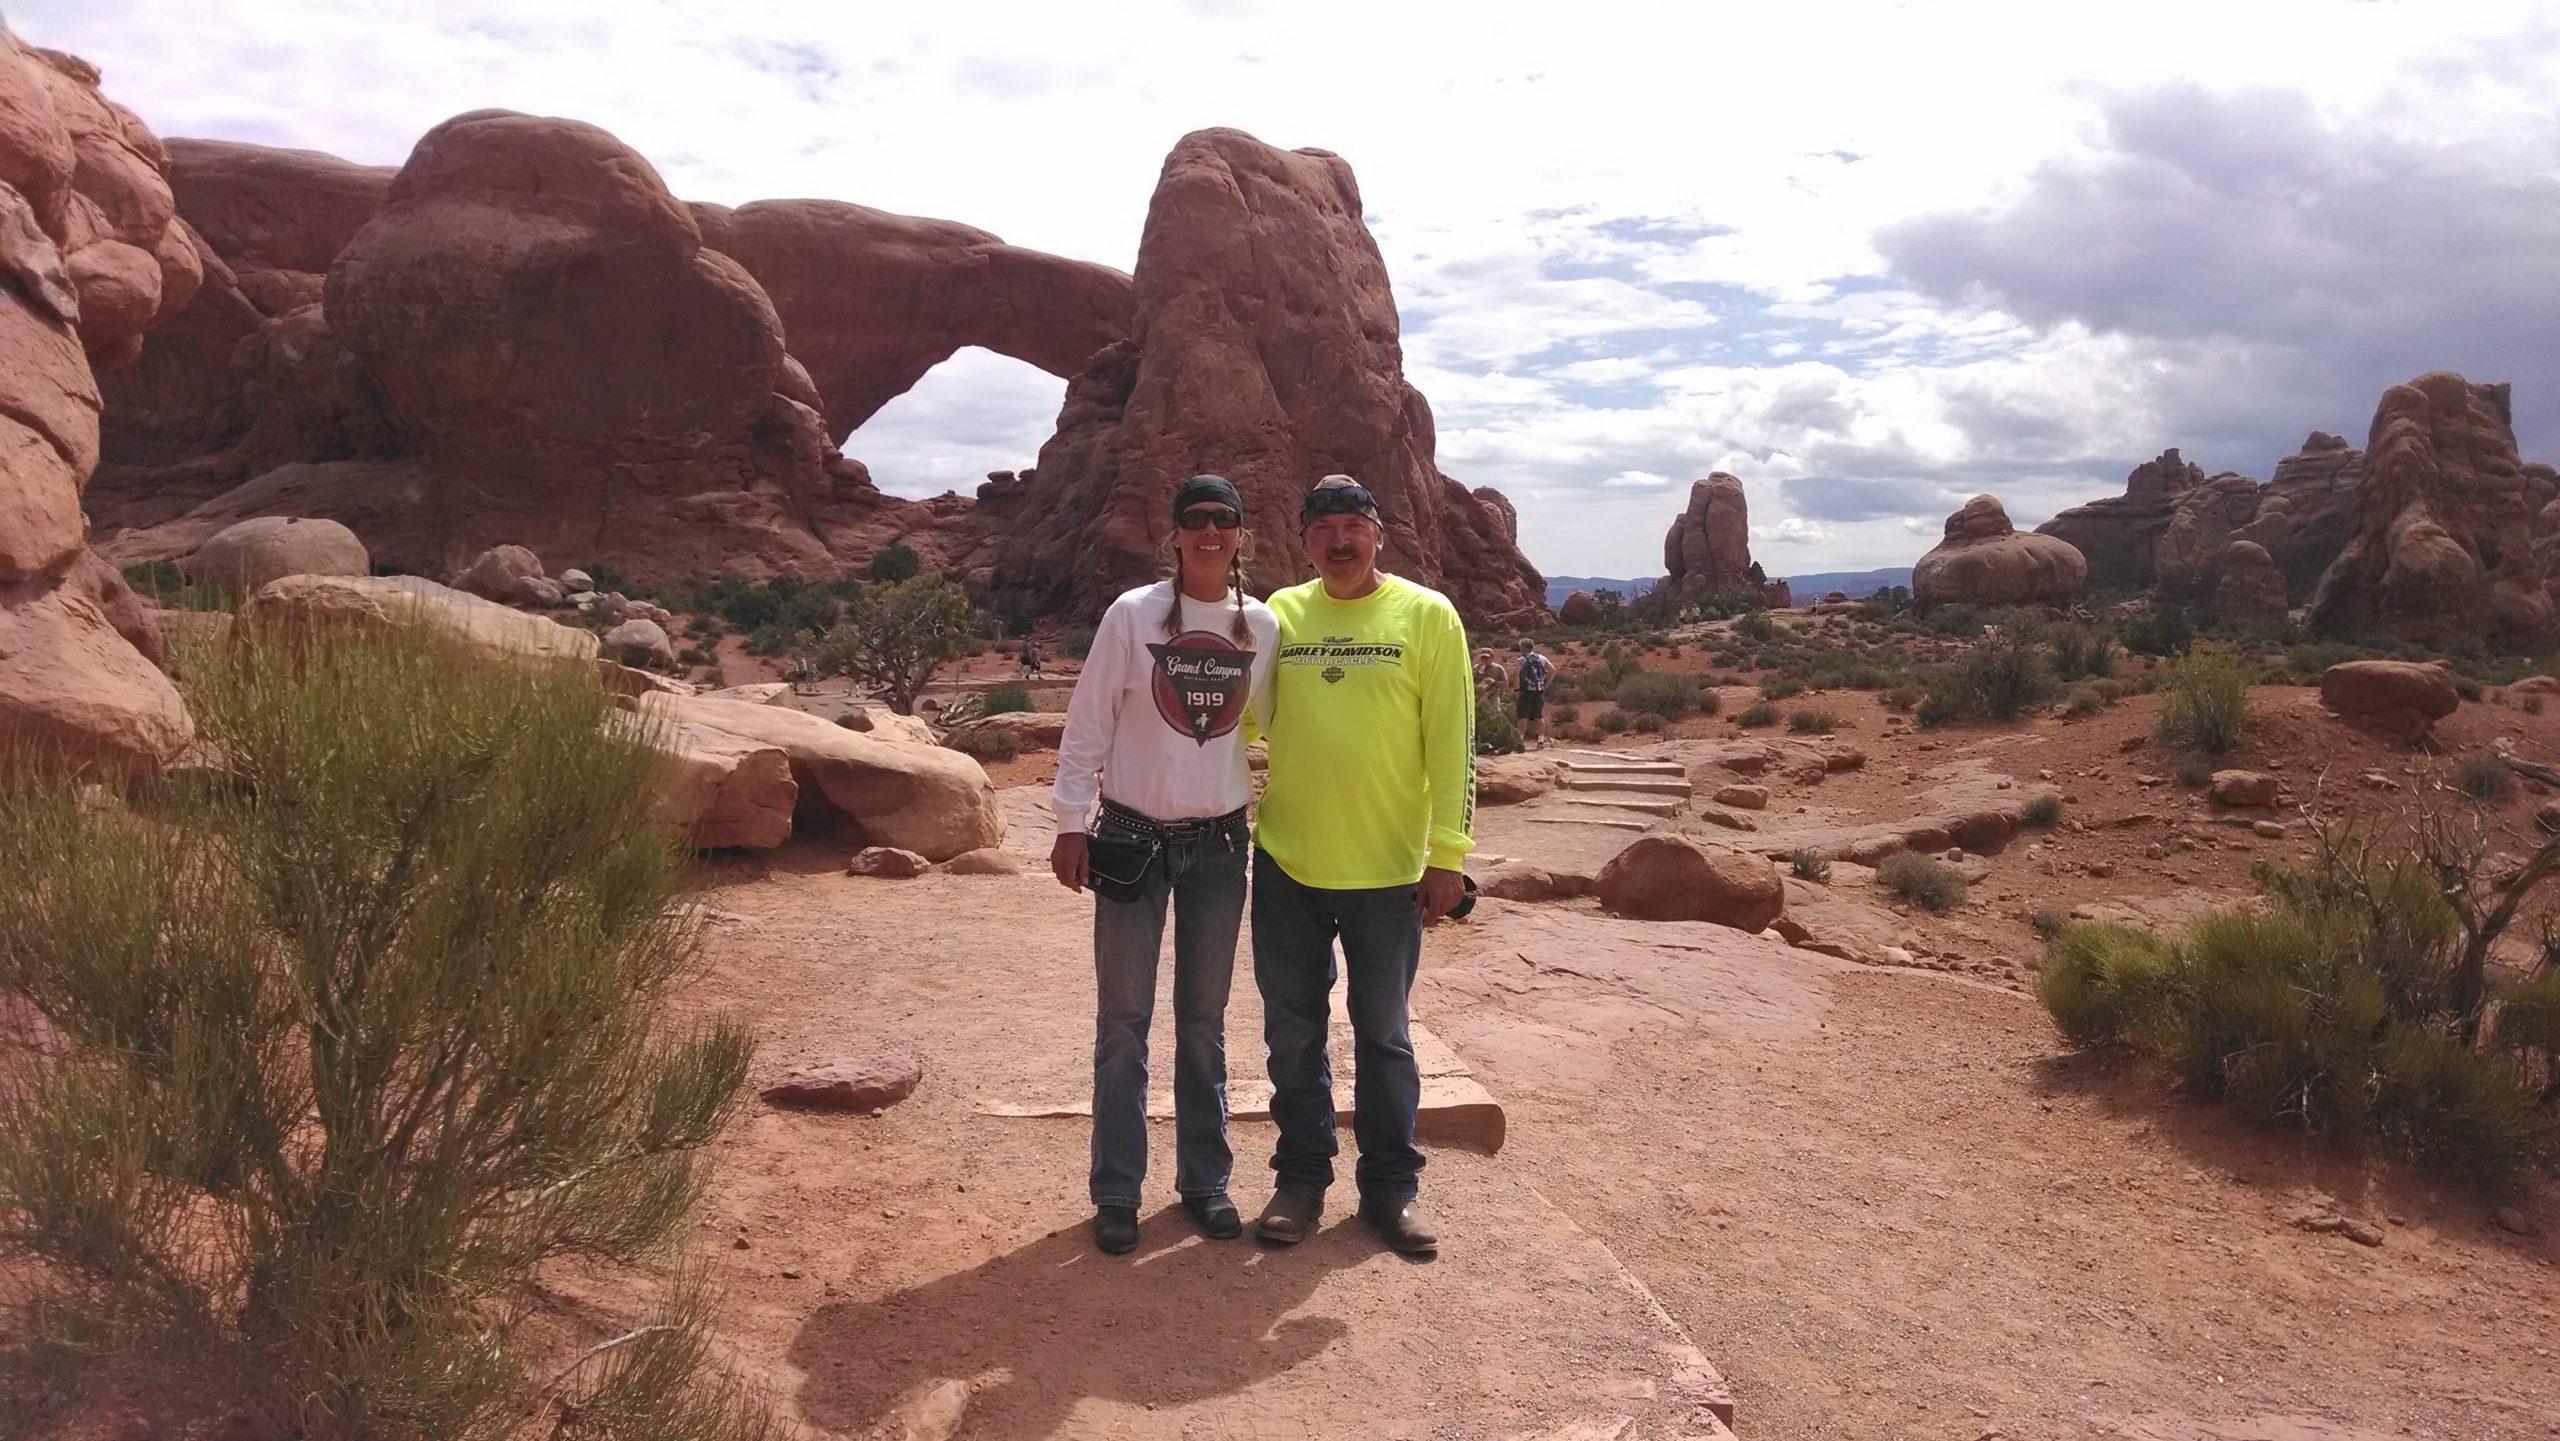 Arches in Utah